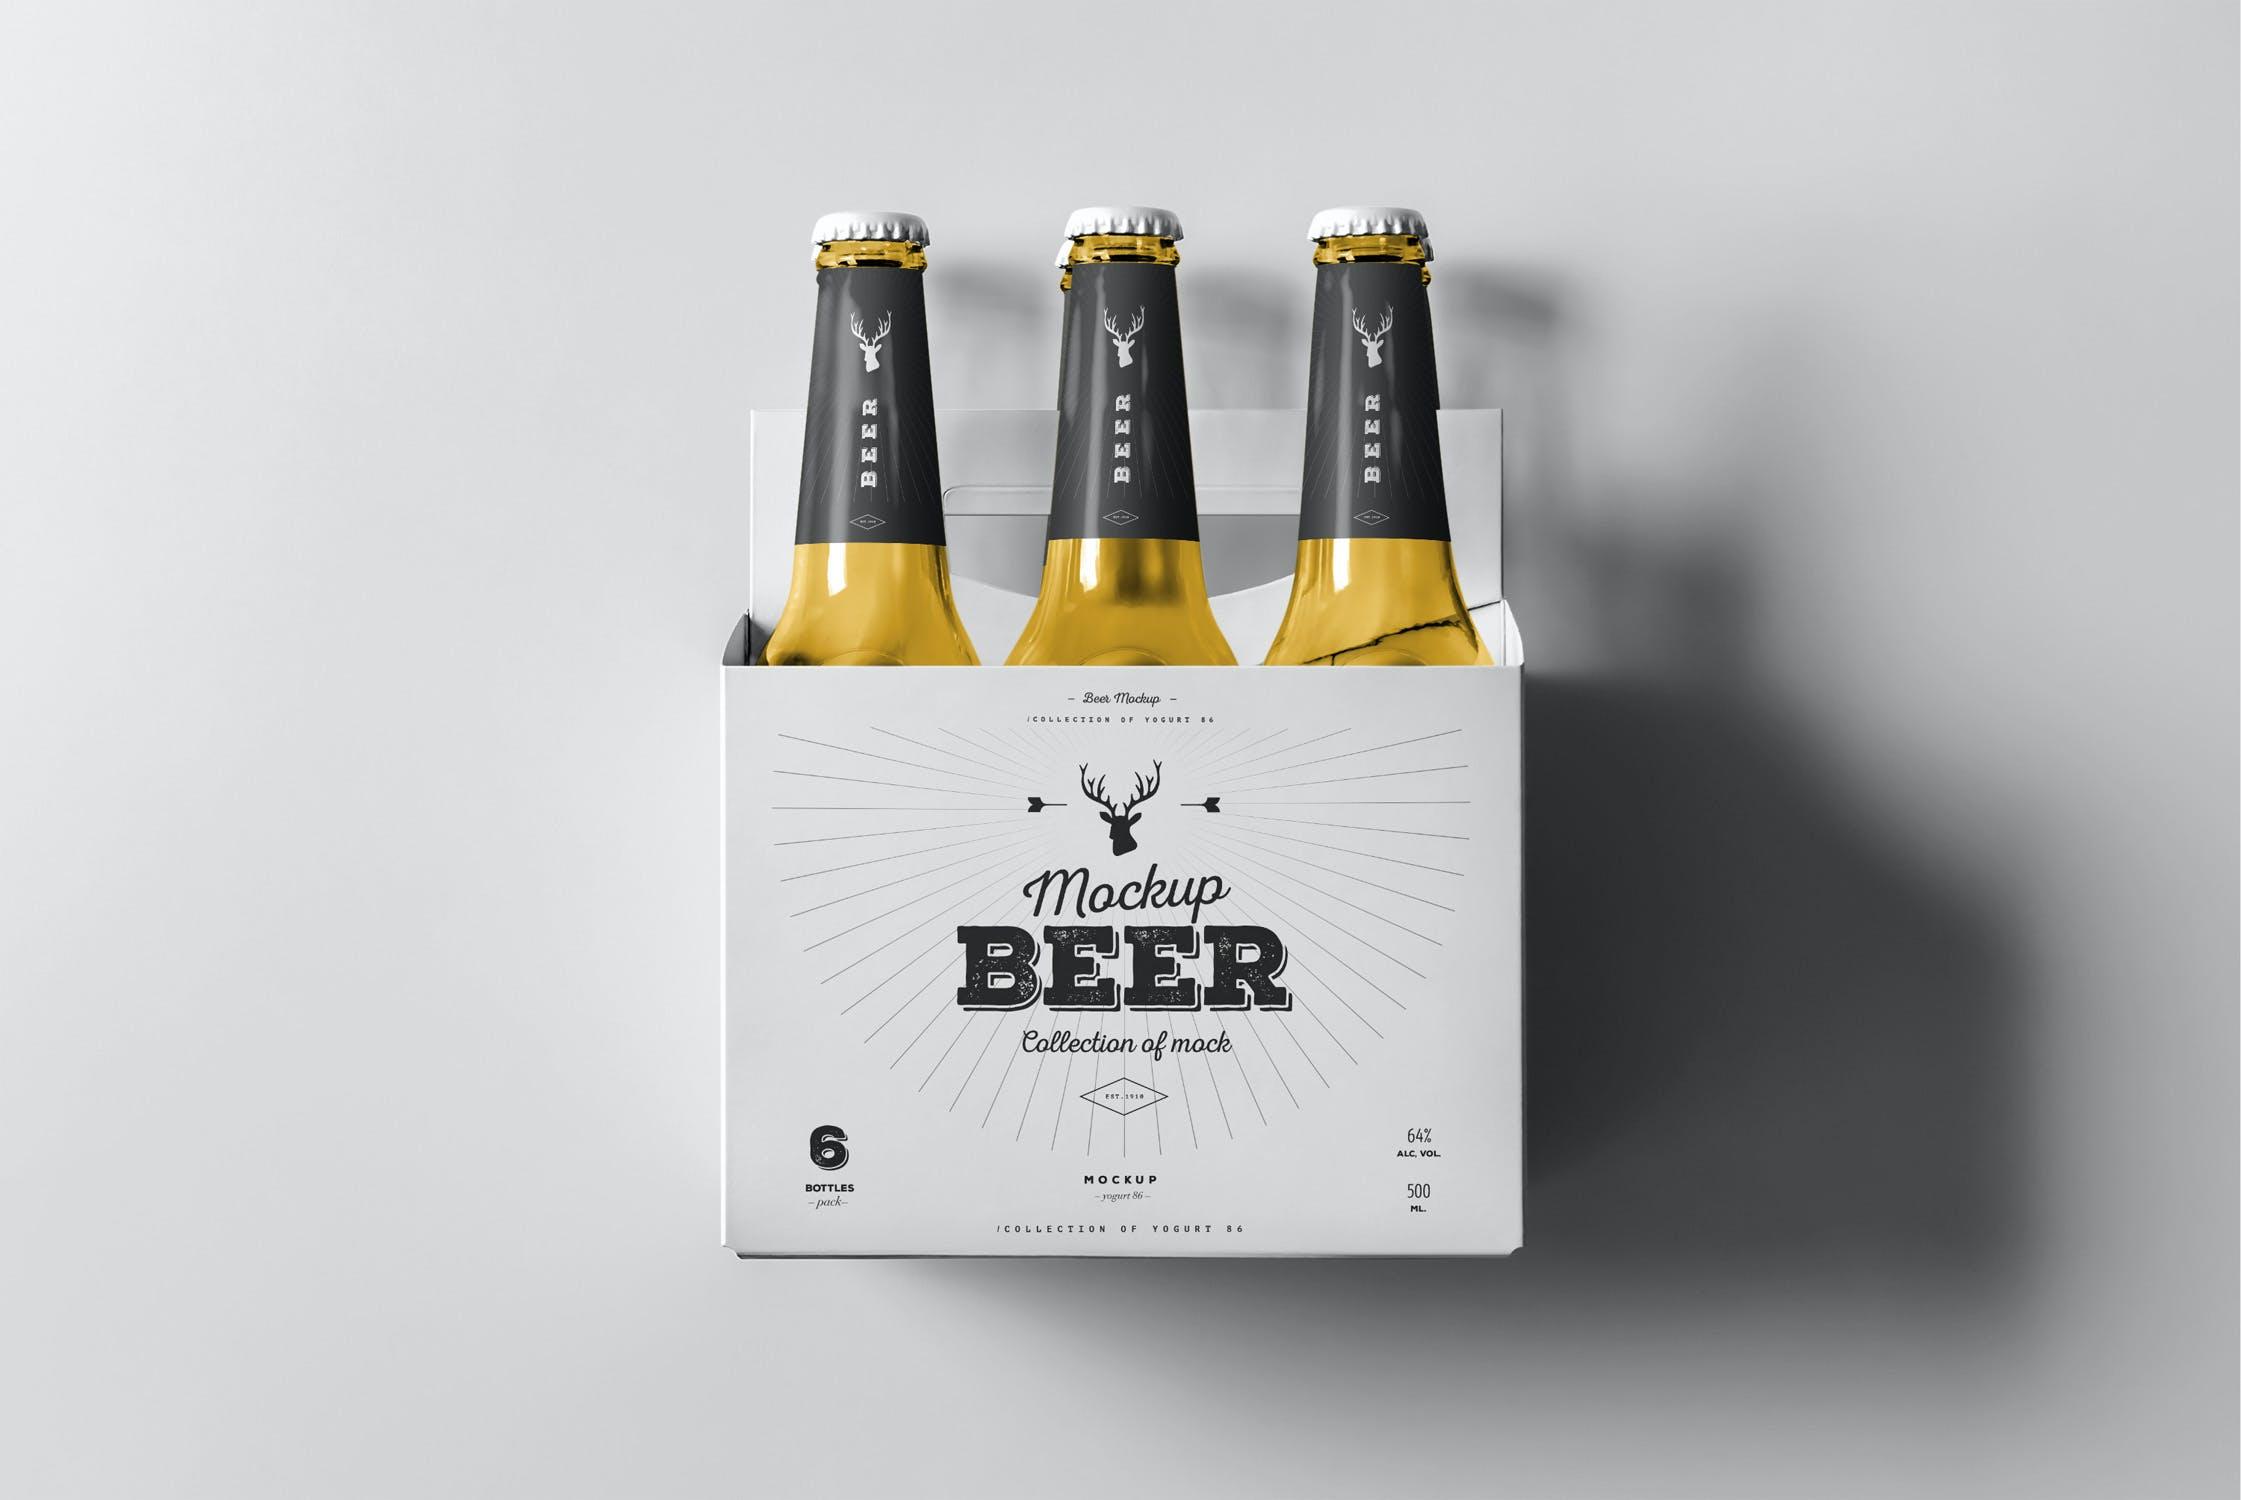 7款啤酒玻璃瓶标签设计展示样机模板 Beer Mockup 5插图(4)